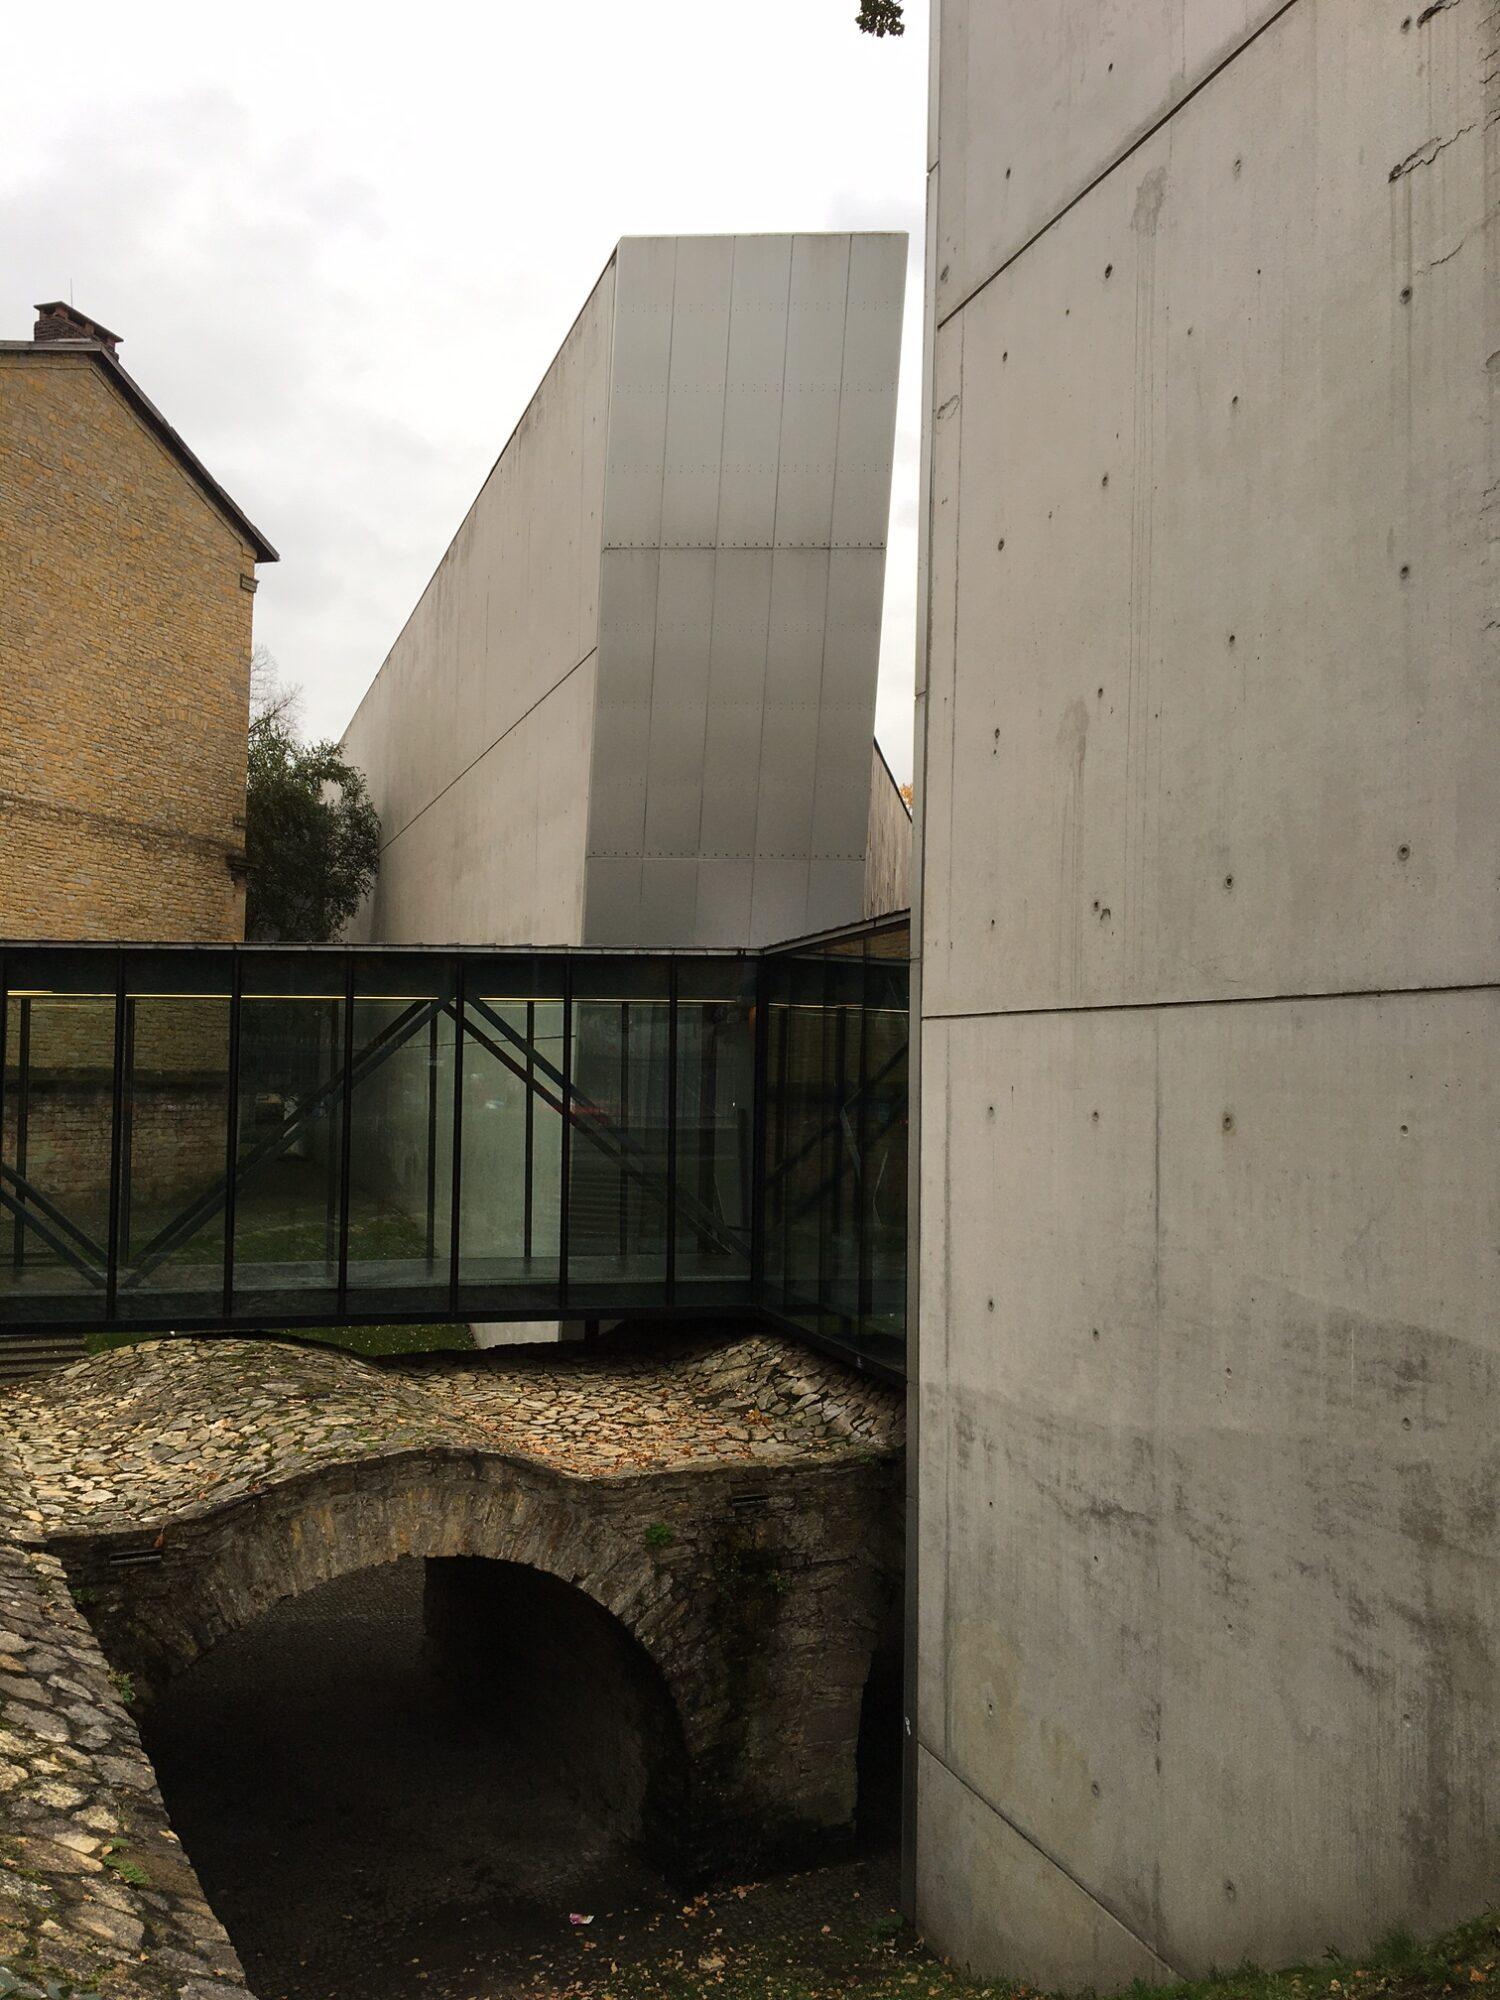 Christian Saehrendt: Felix-Nussbaum-Haus in Osnabrück, 2020.